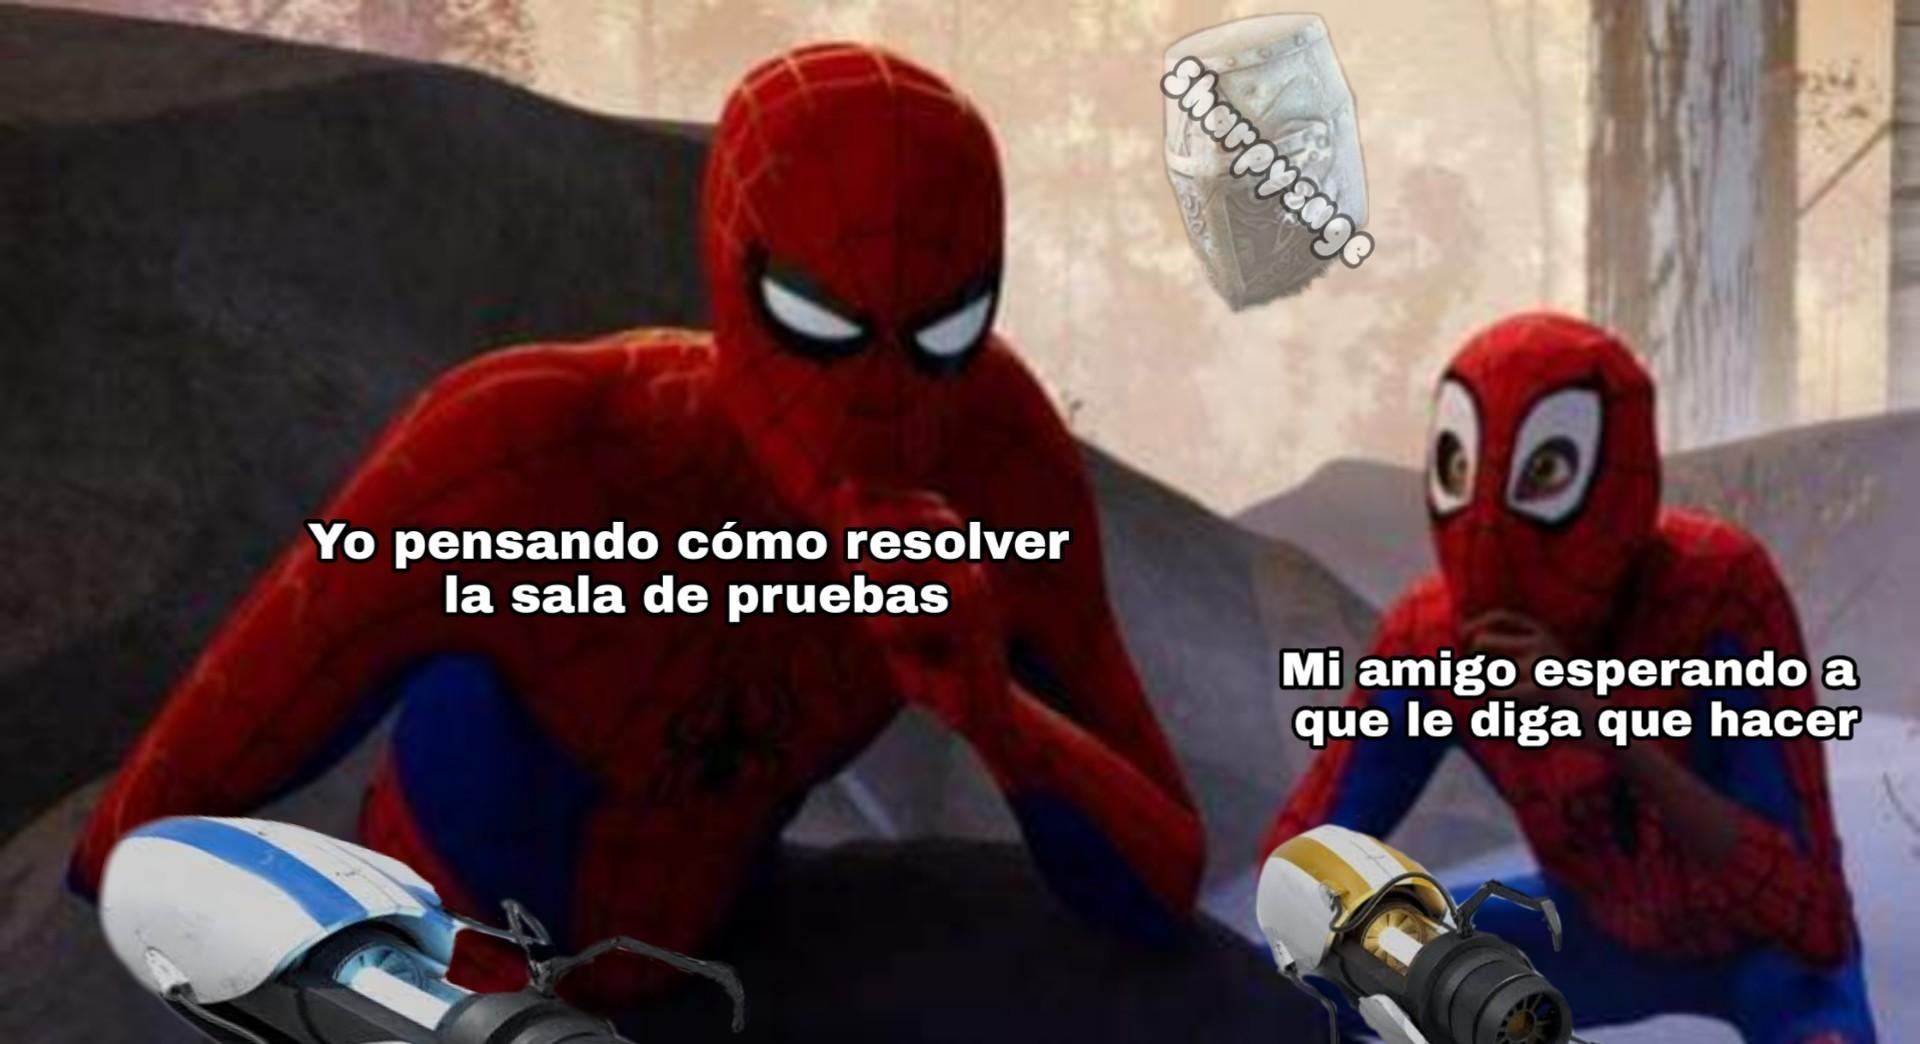 Todo el juego - meme